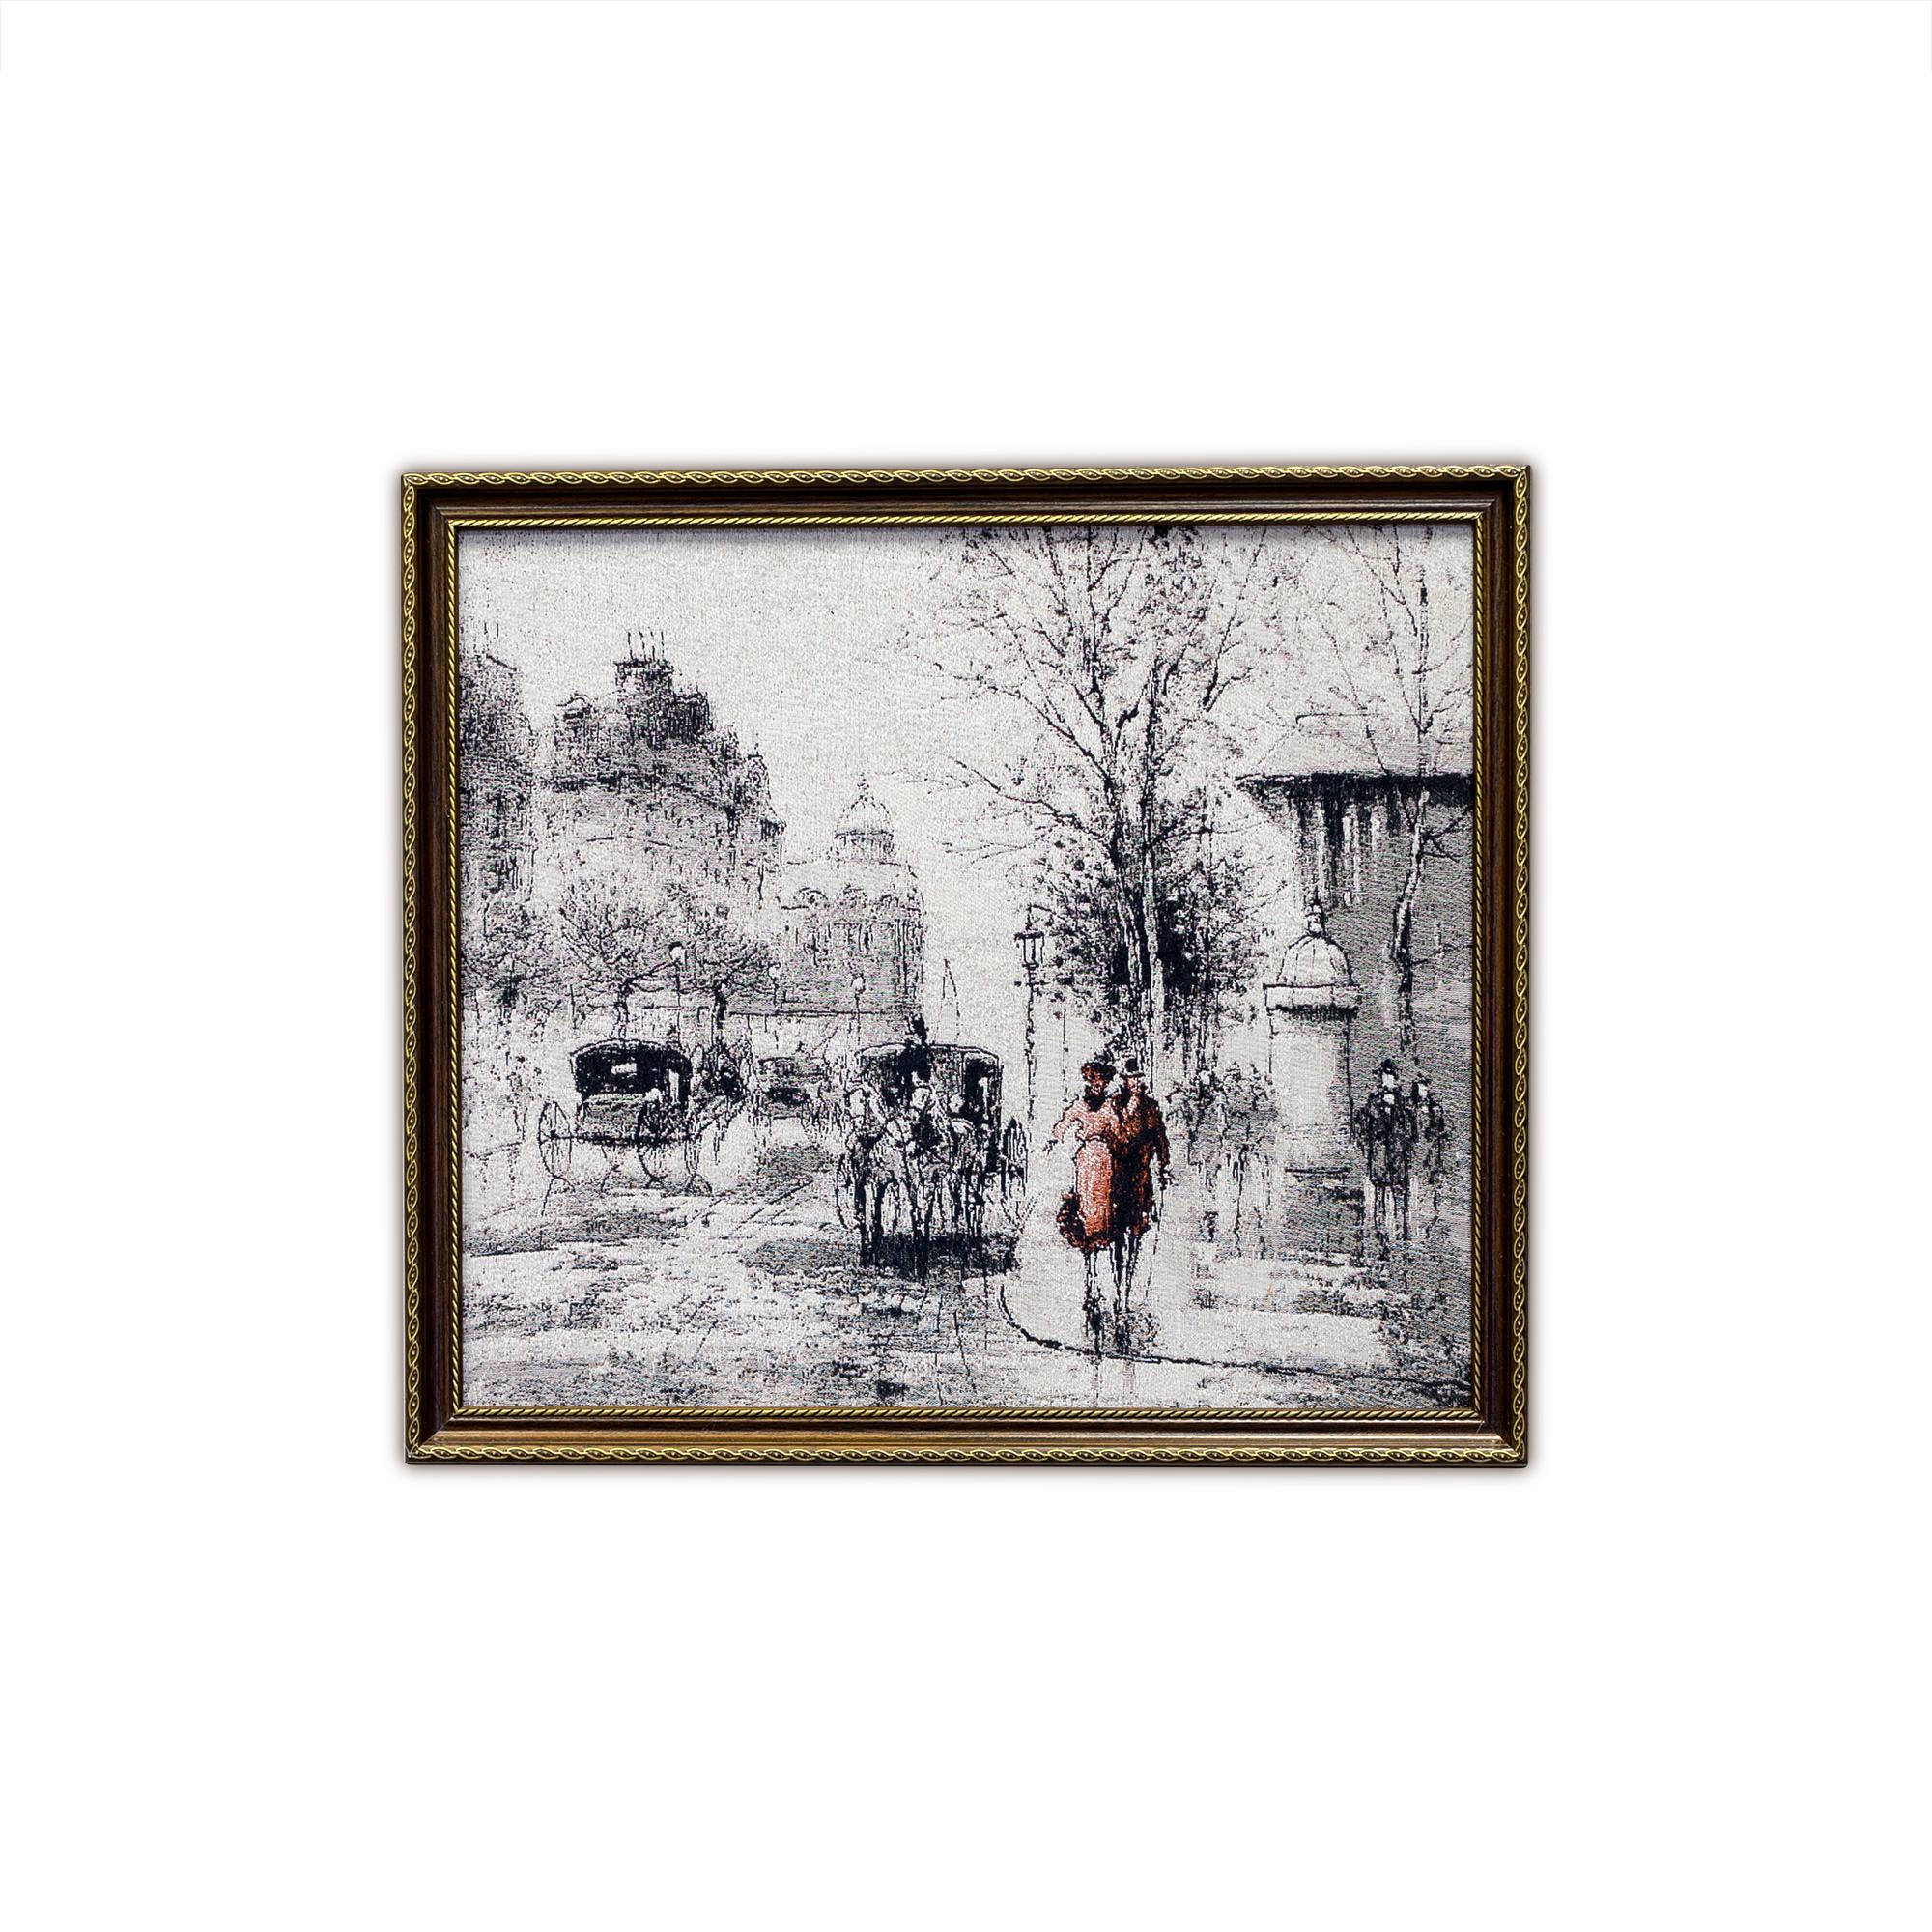 Купить Картины, постеры, гобелены, панно A La Gobelin, Картина Рисунок Тушью (44х50 см), Россия, Гобелен